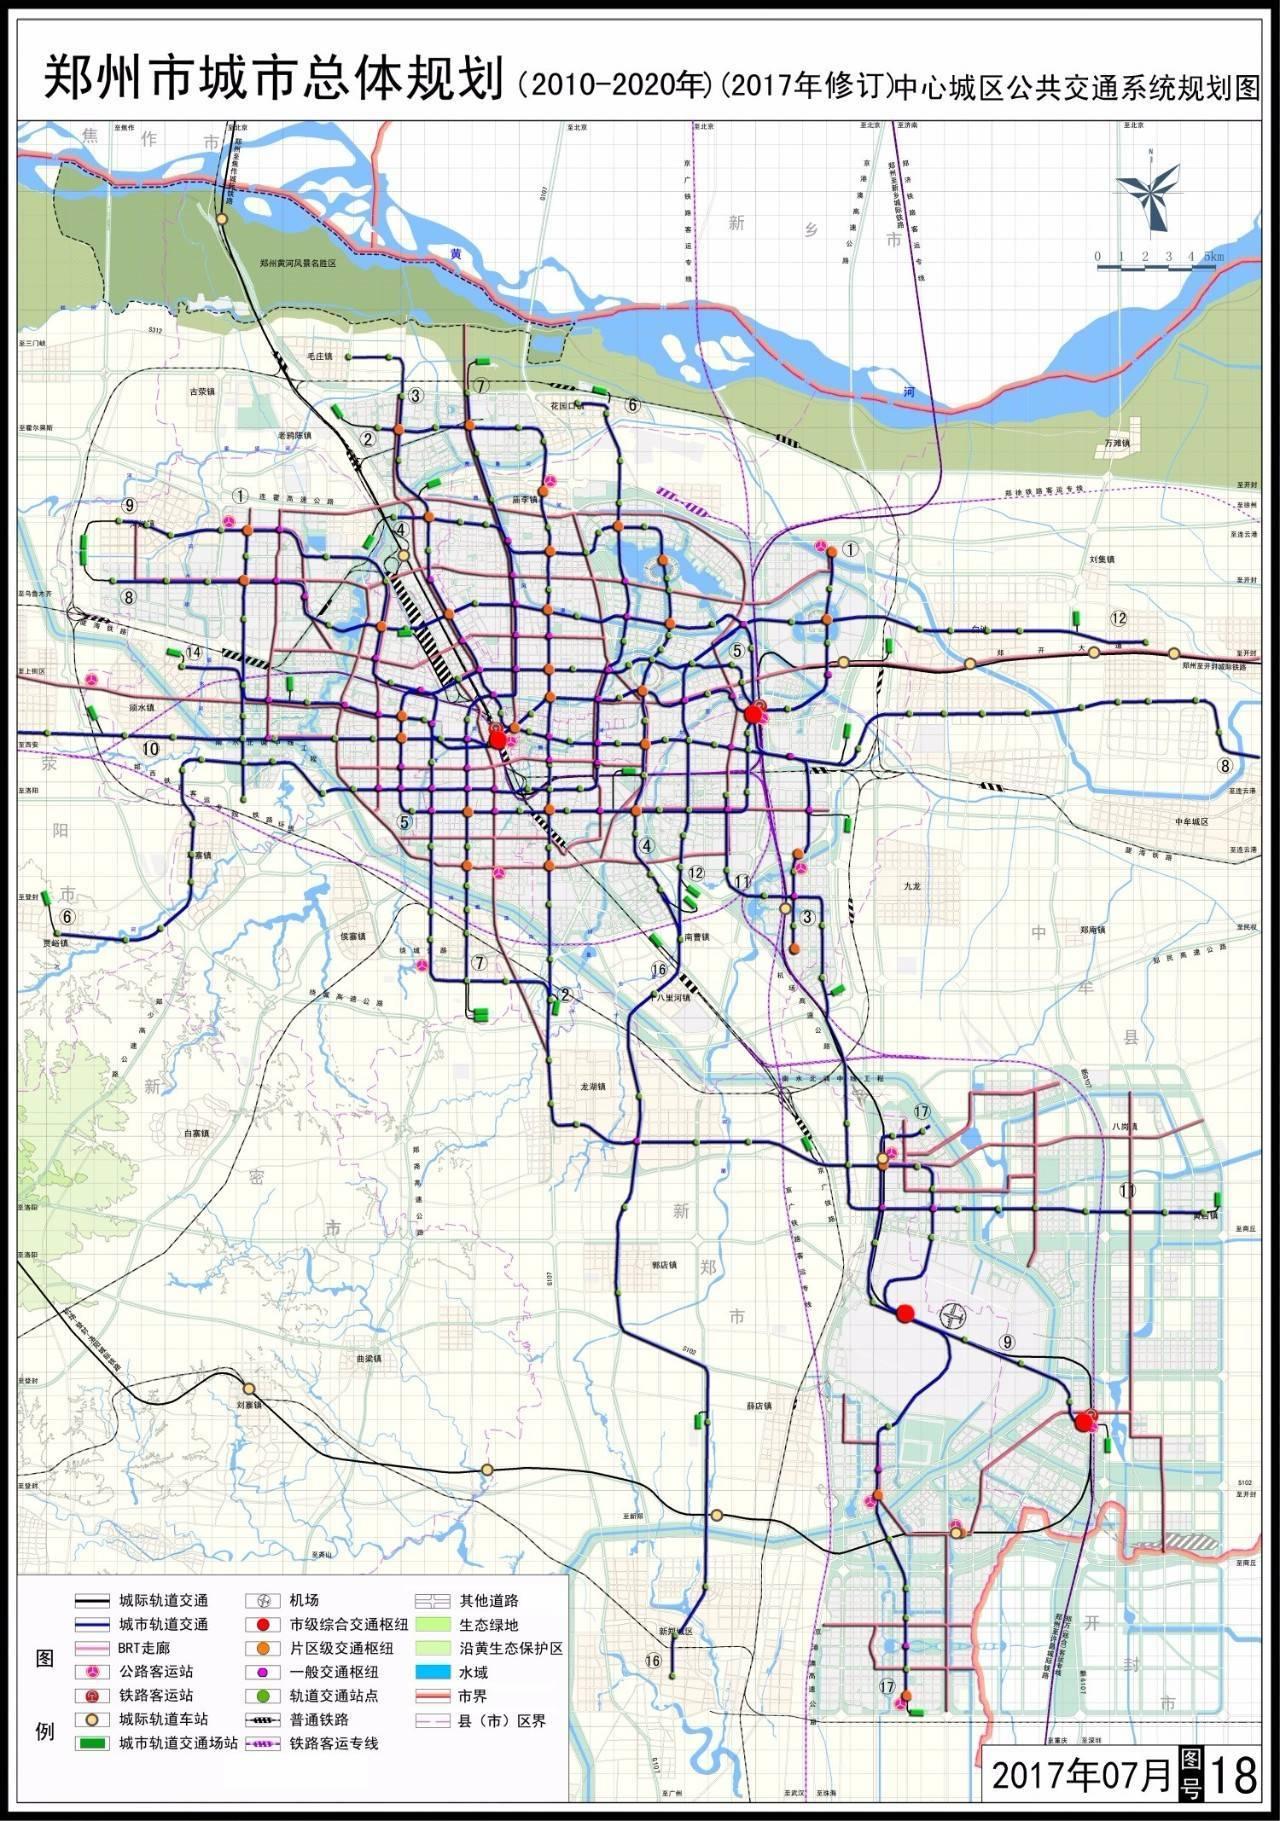 丰都龙河东2030规划图